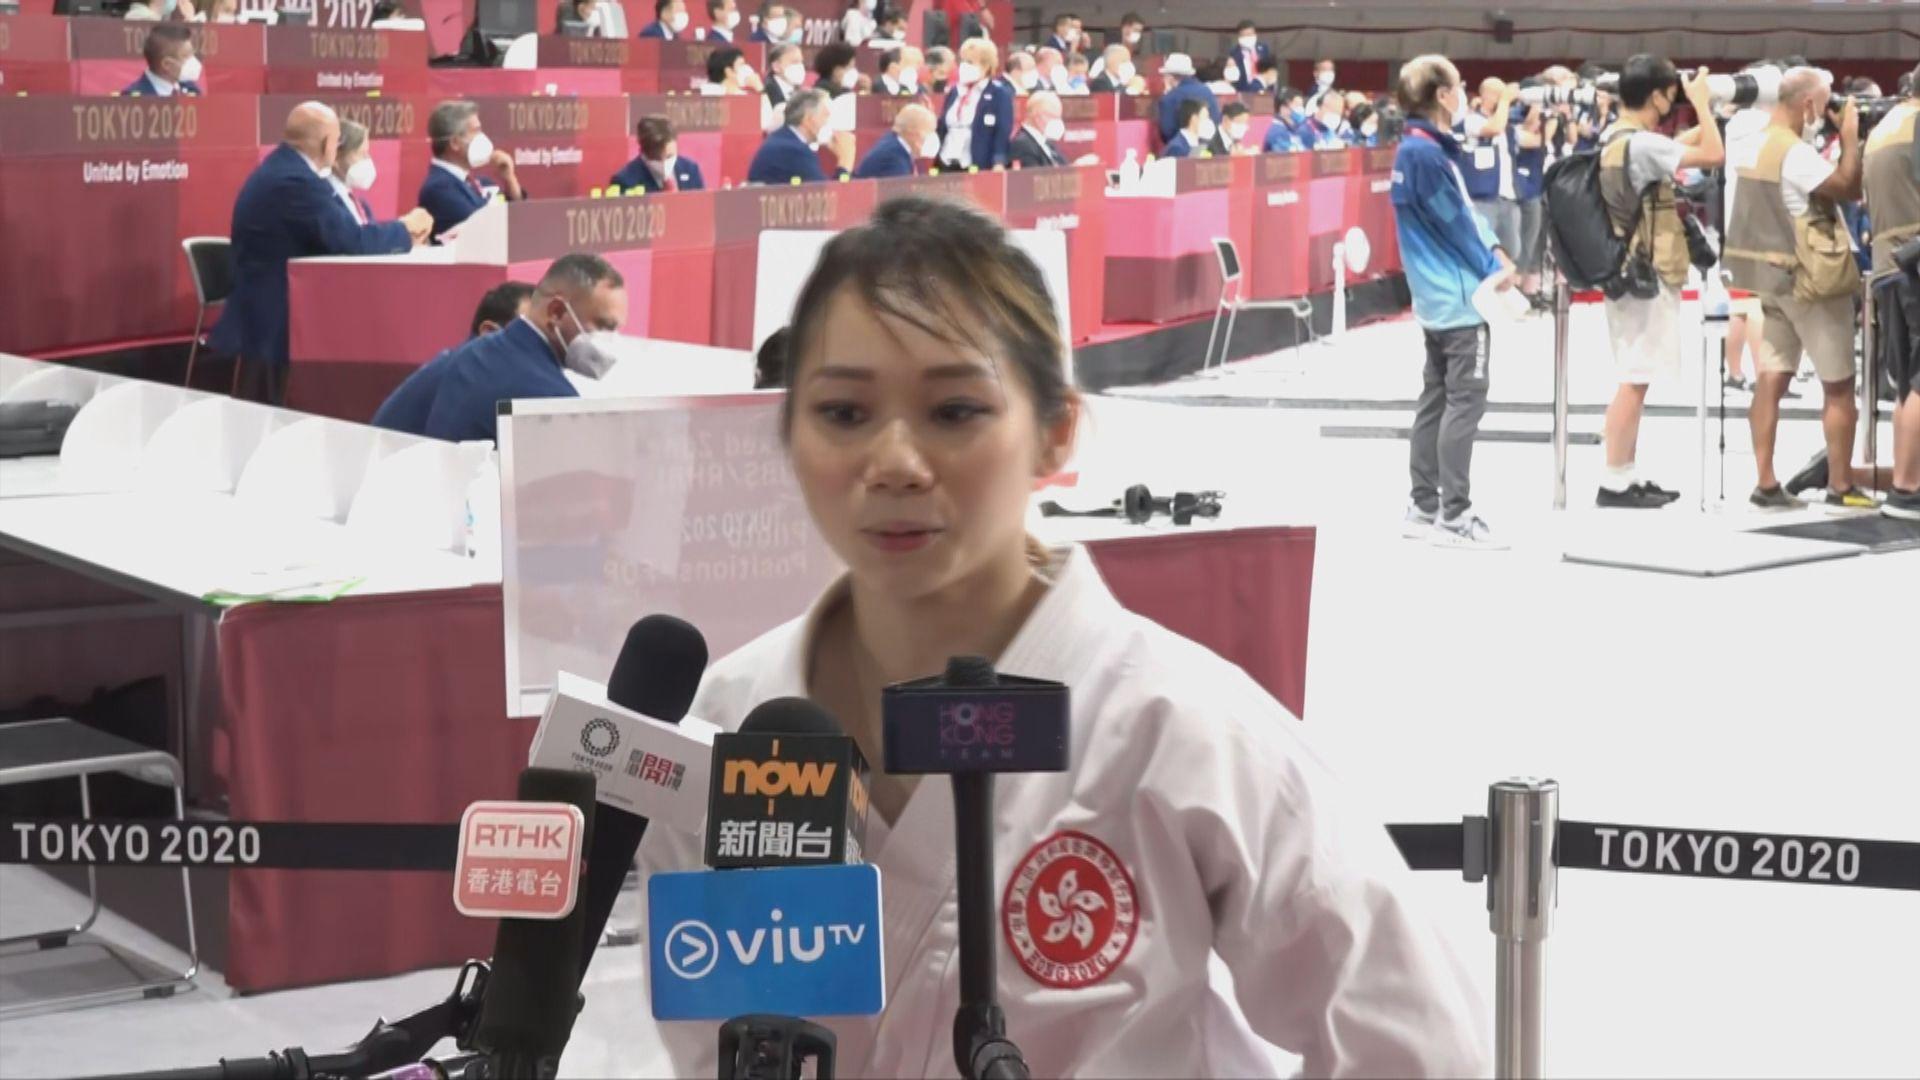 【運動員心聲】終可踏足奧運舞台 劉慕裳感激市民支持